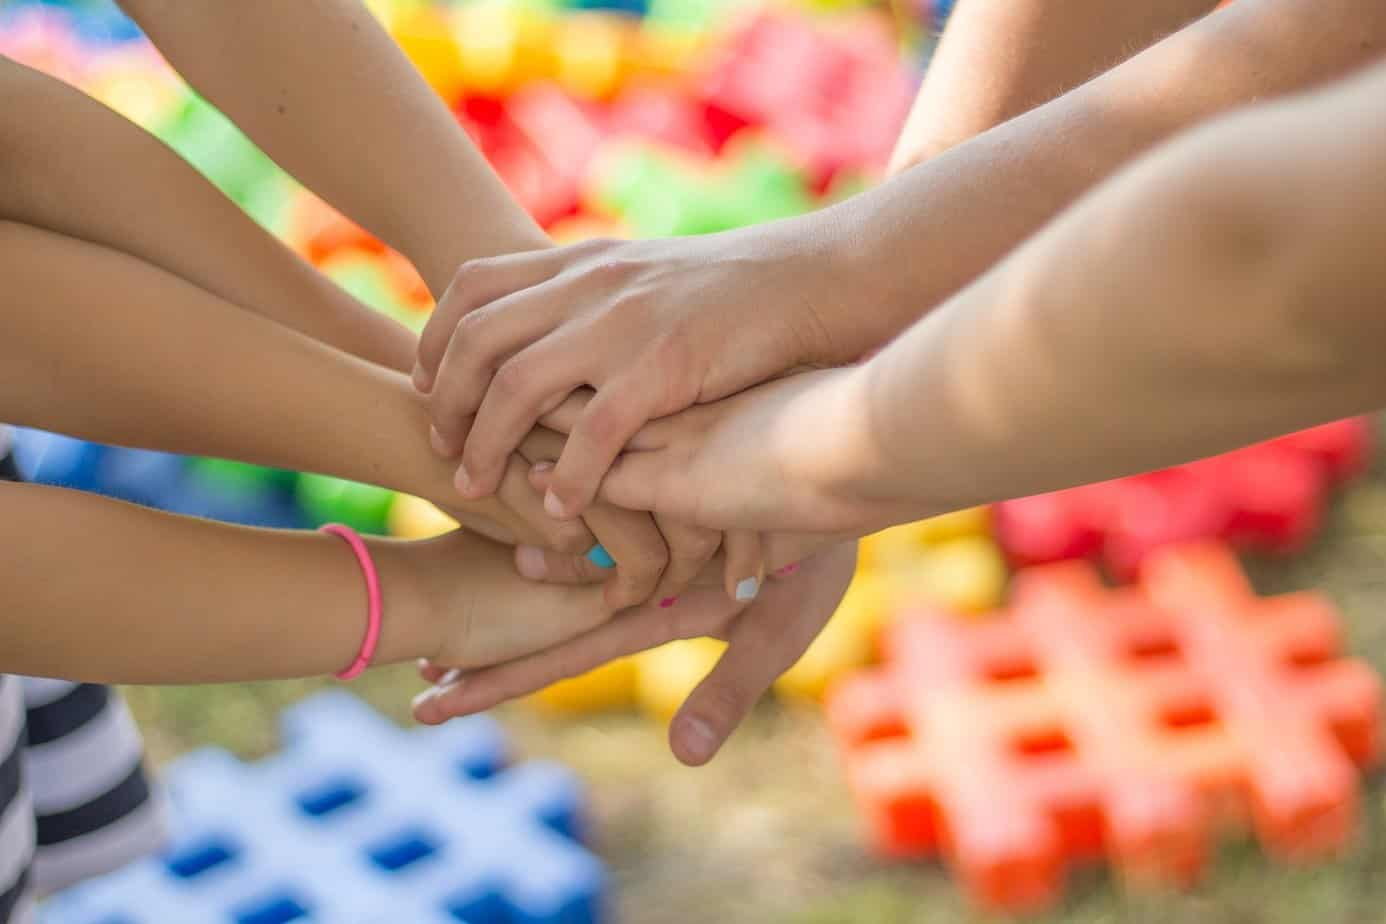 семейство-ръце